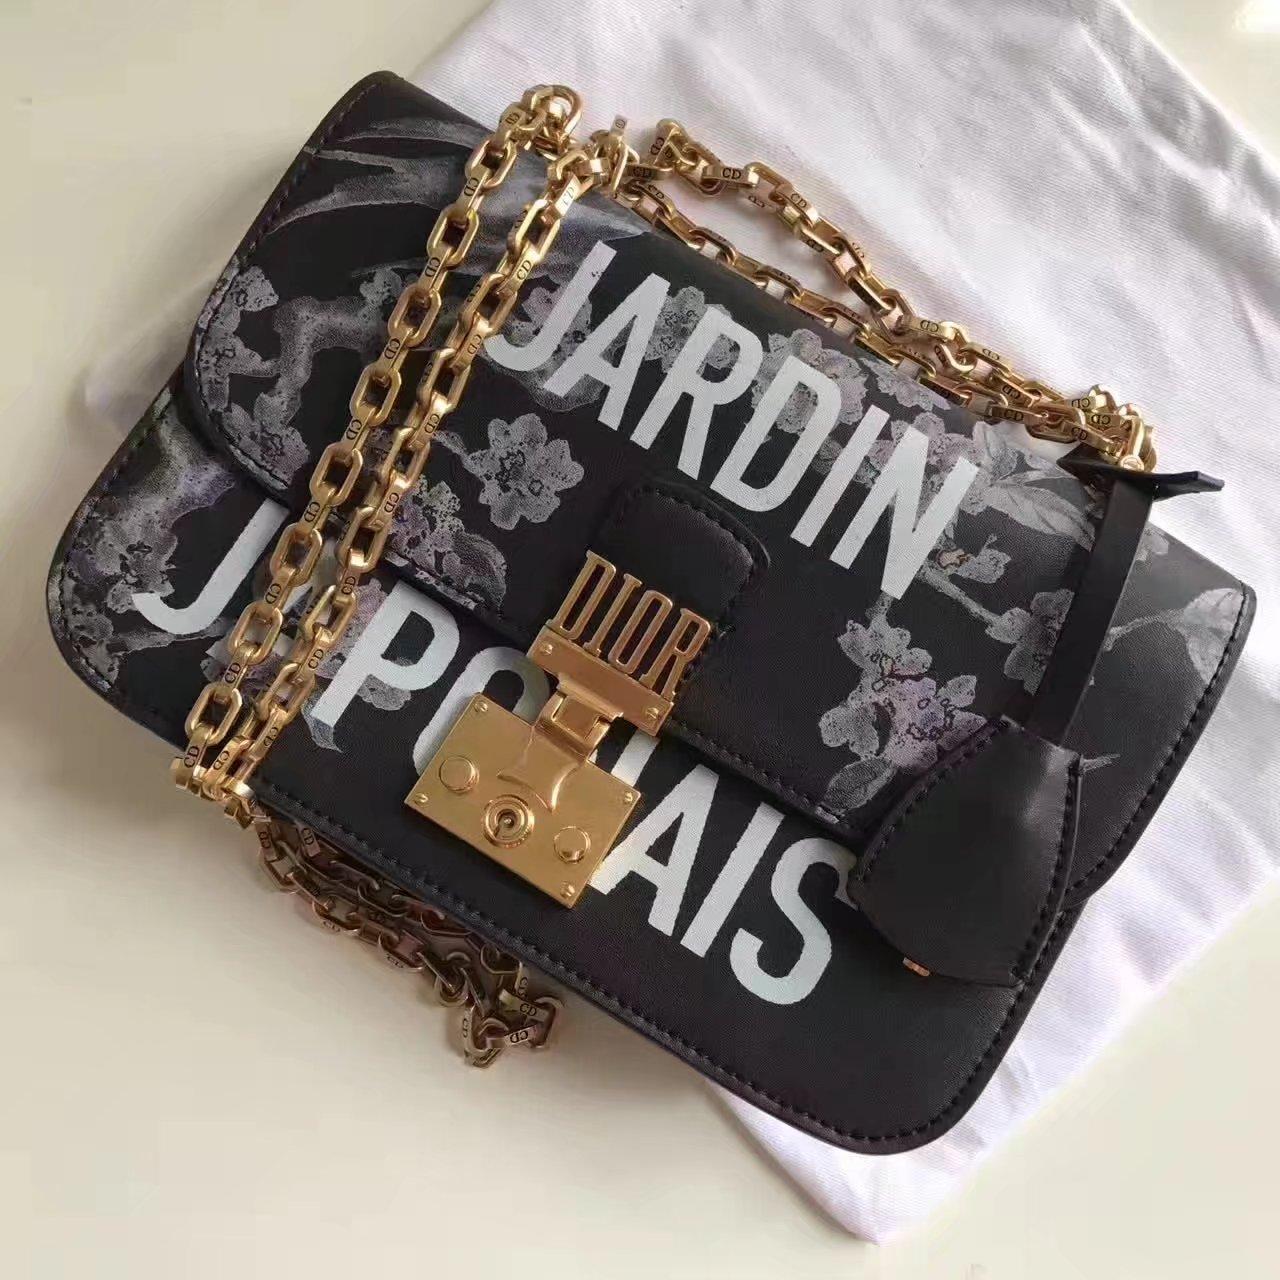 Dior Jardin Japonais Floral Print With Chain Flap Bag Black